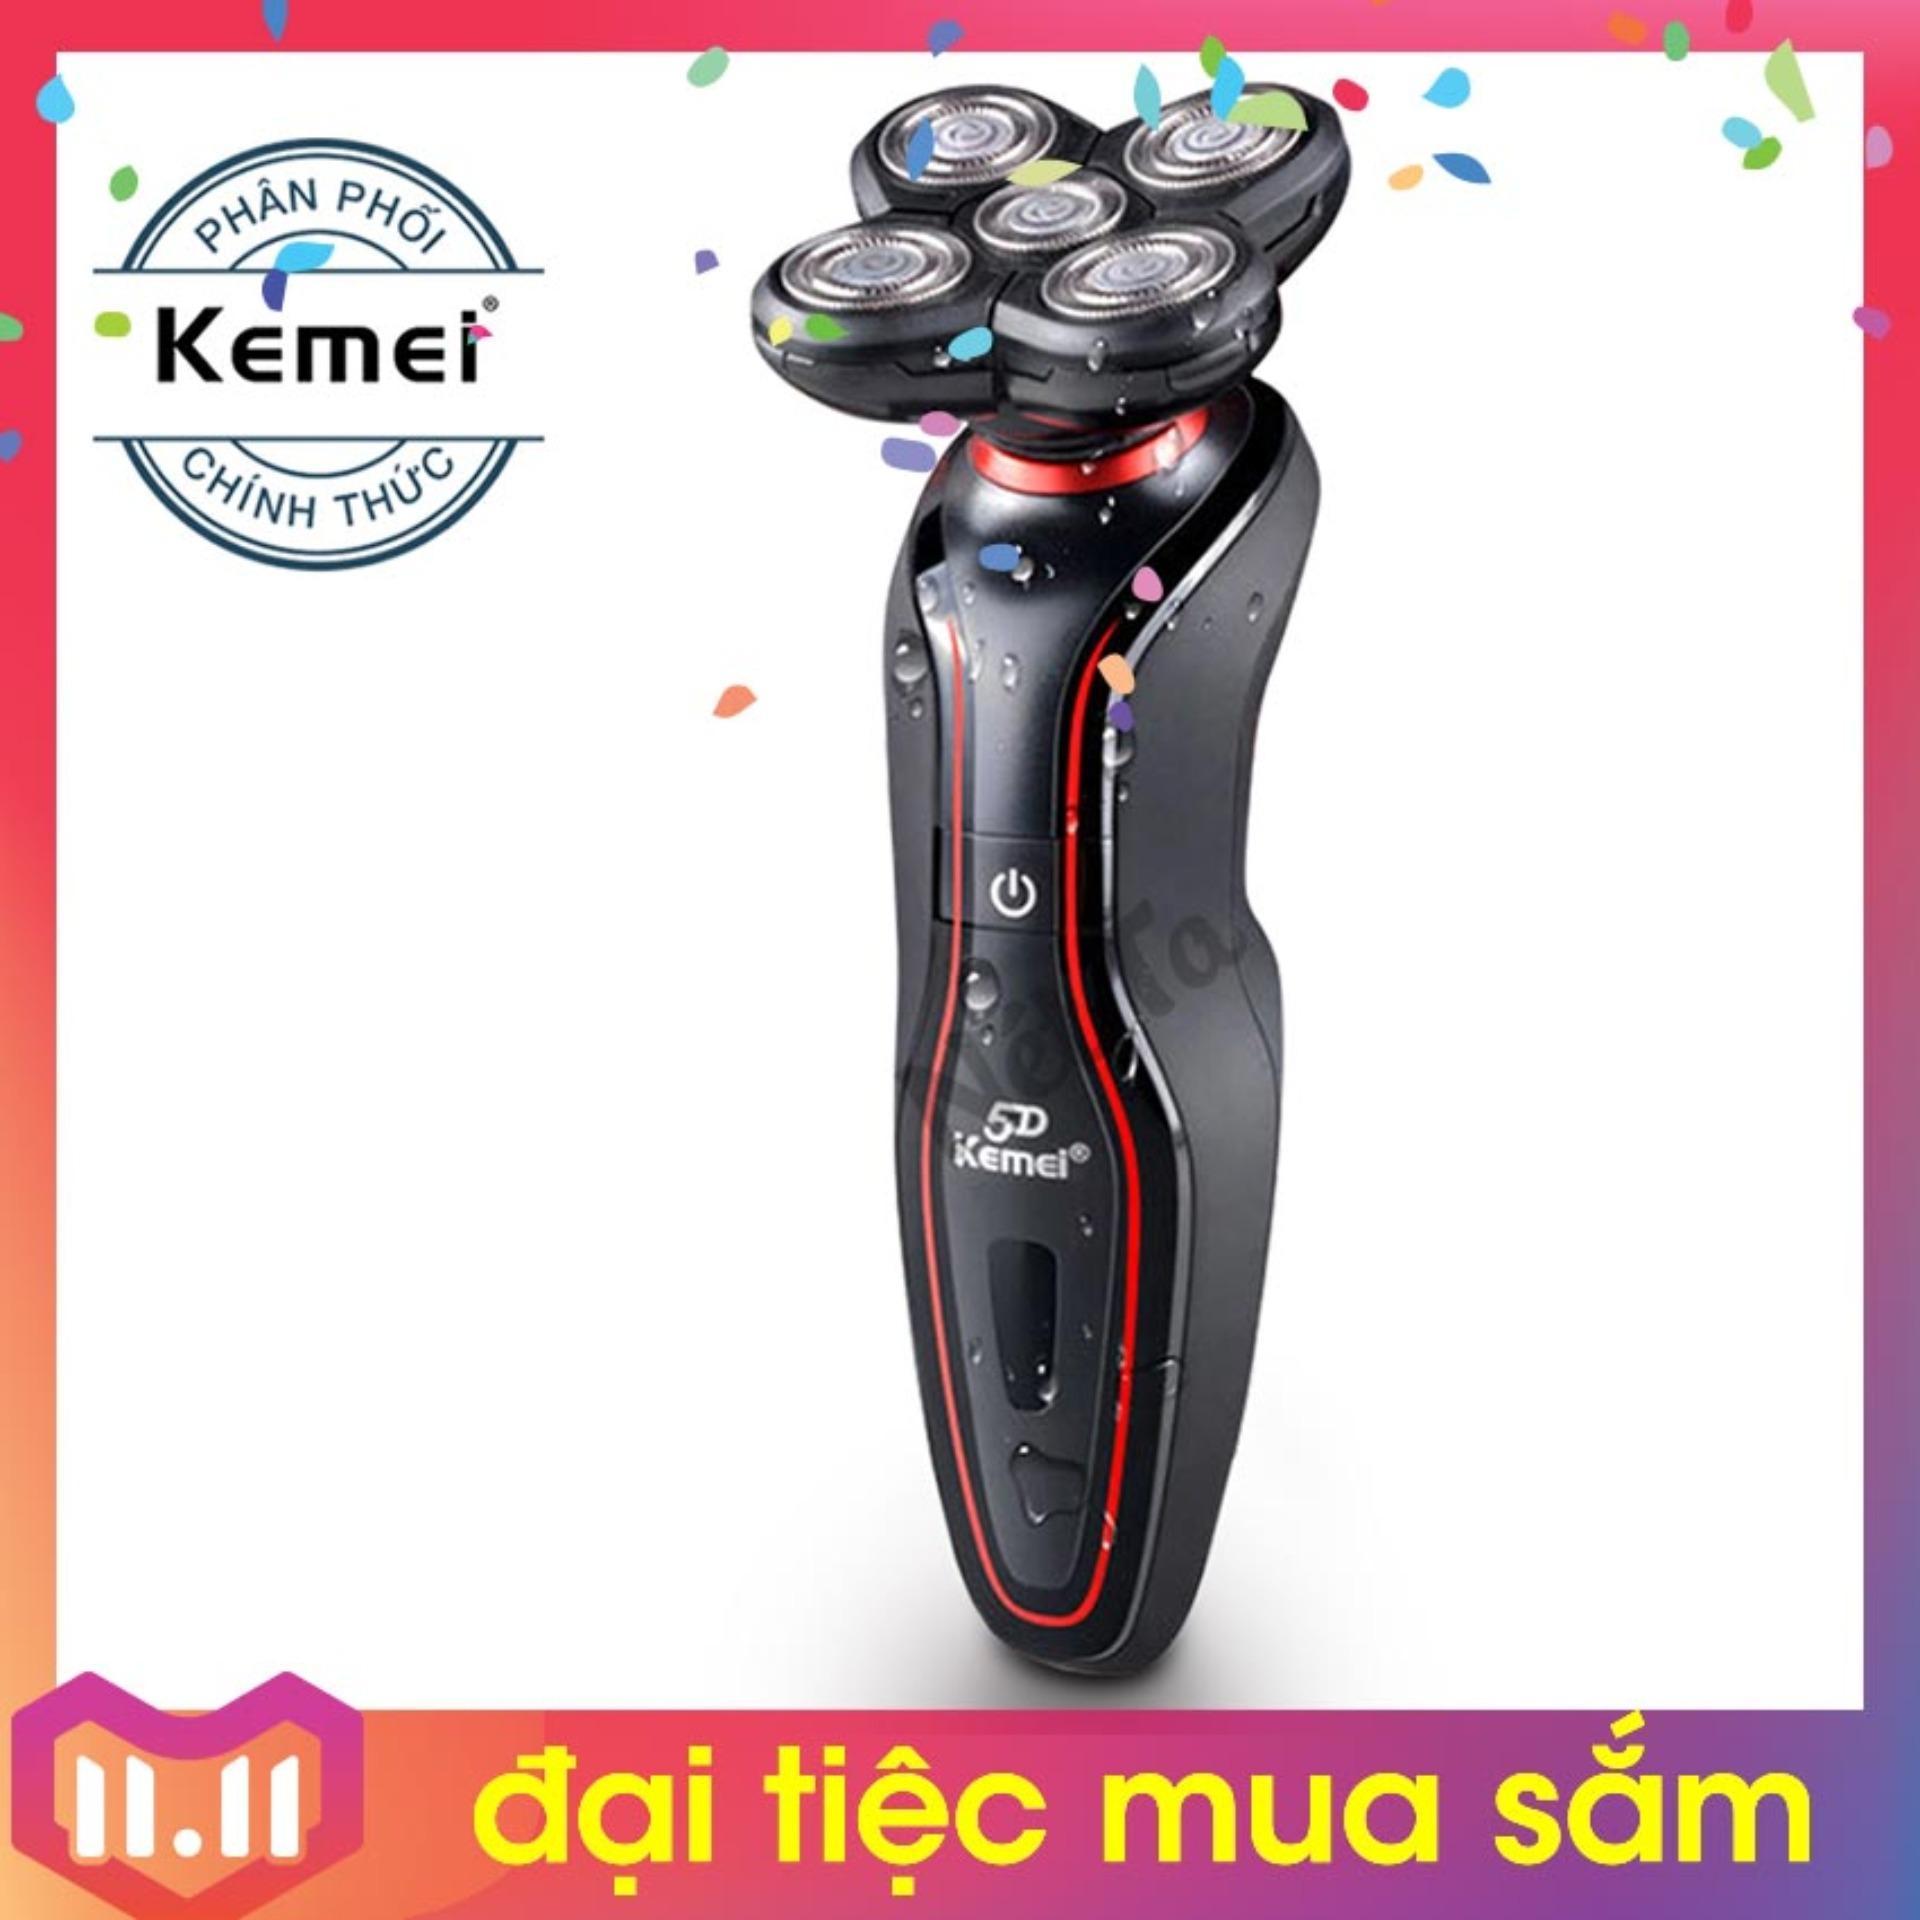 Máy cạo râu 5D cao cấp Kemei KM-6181 - Hãng phân phối chính thức